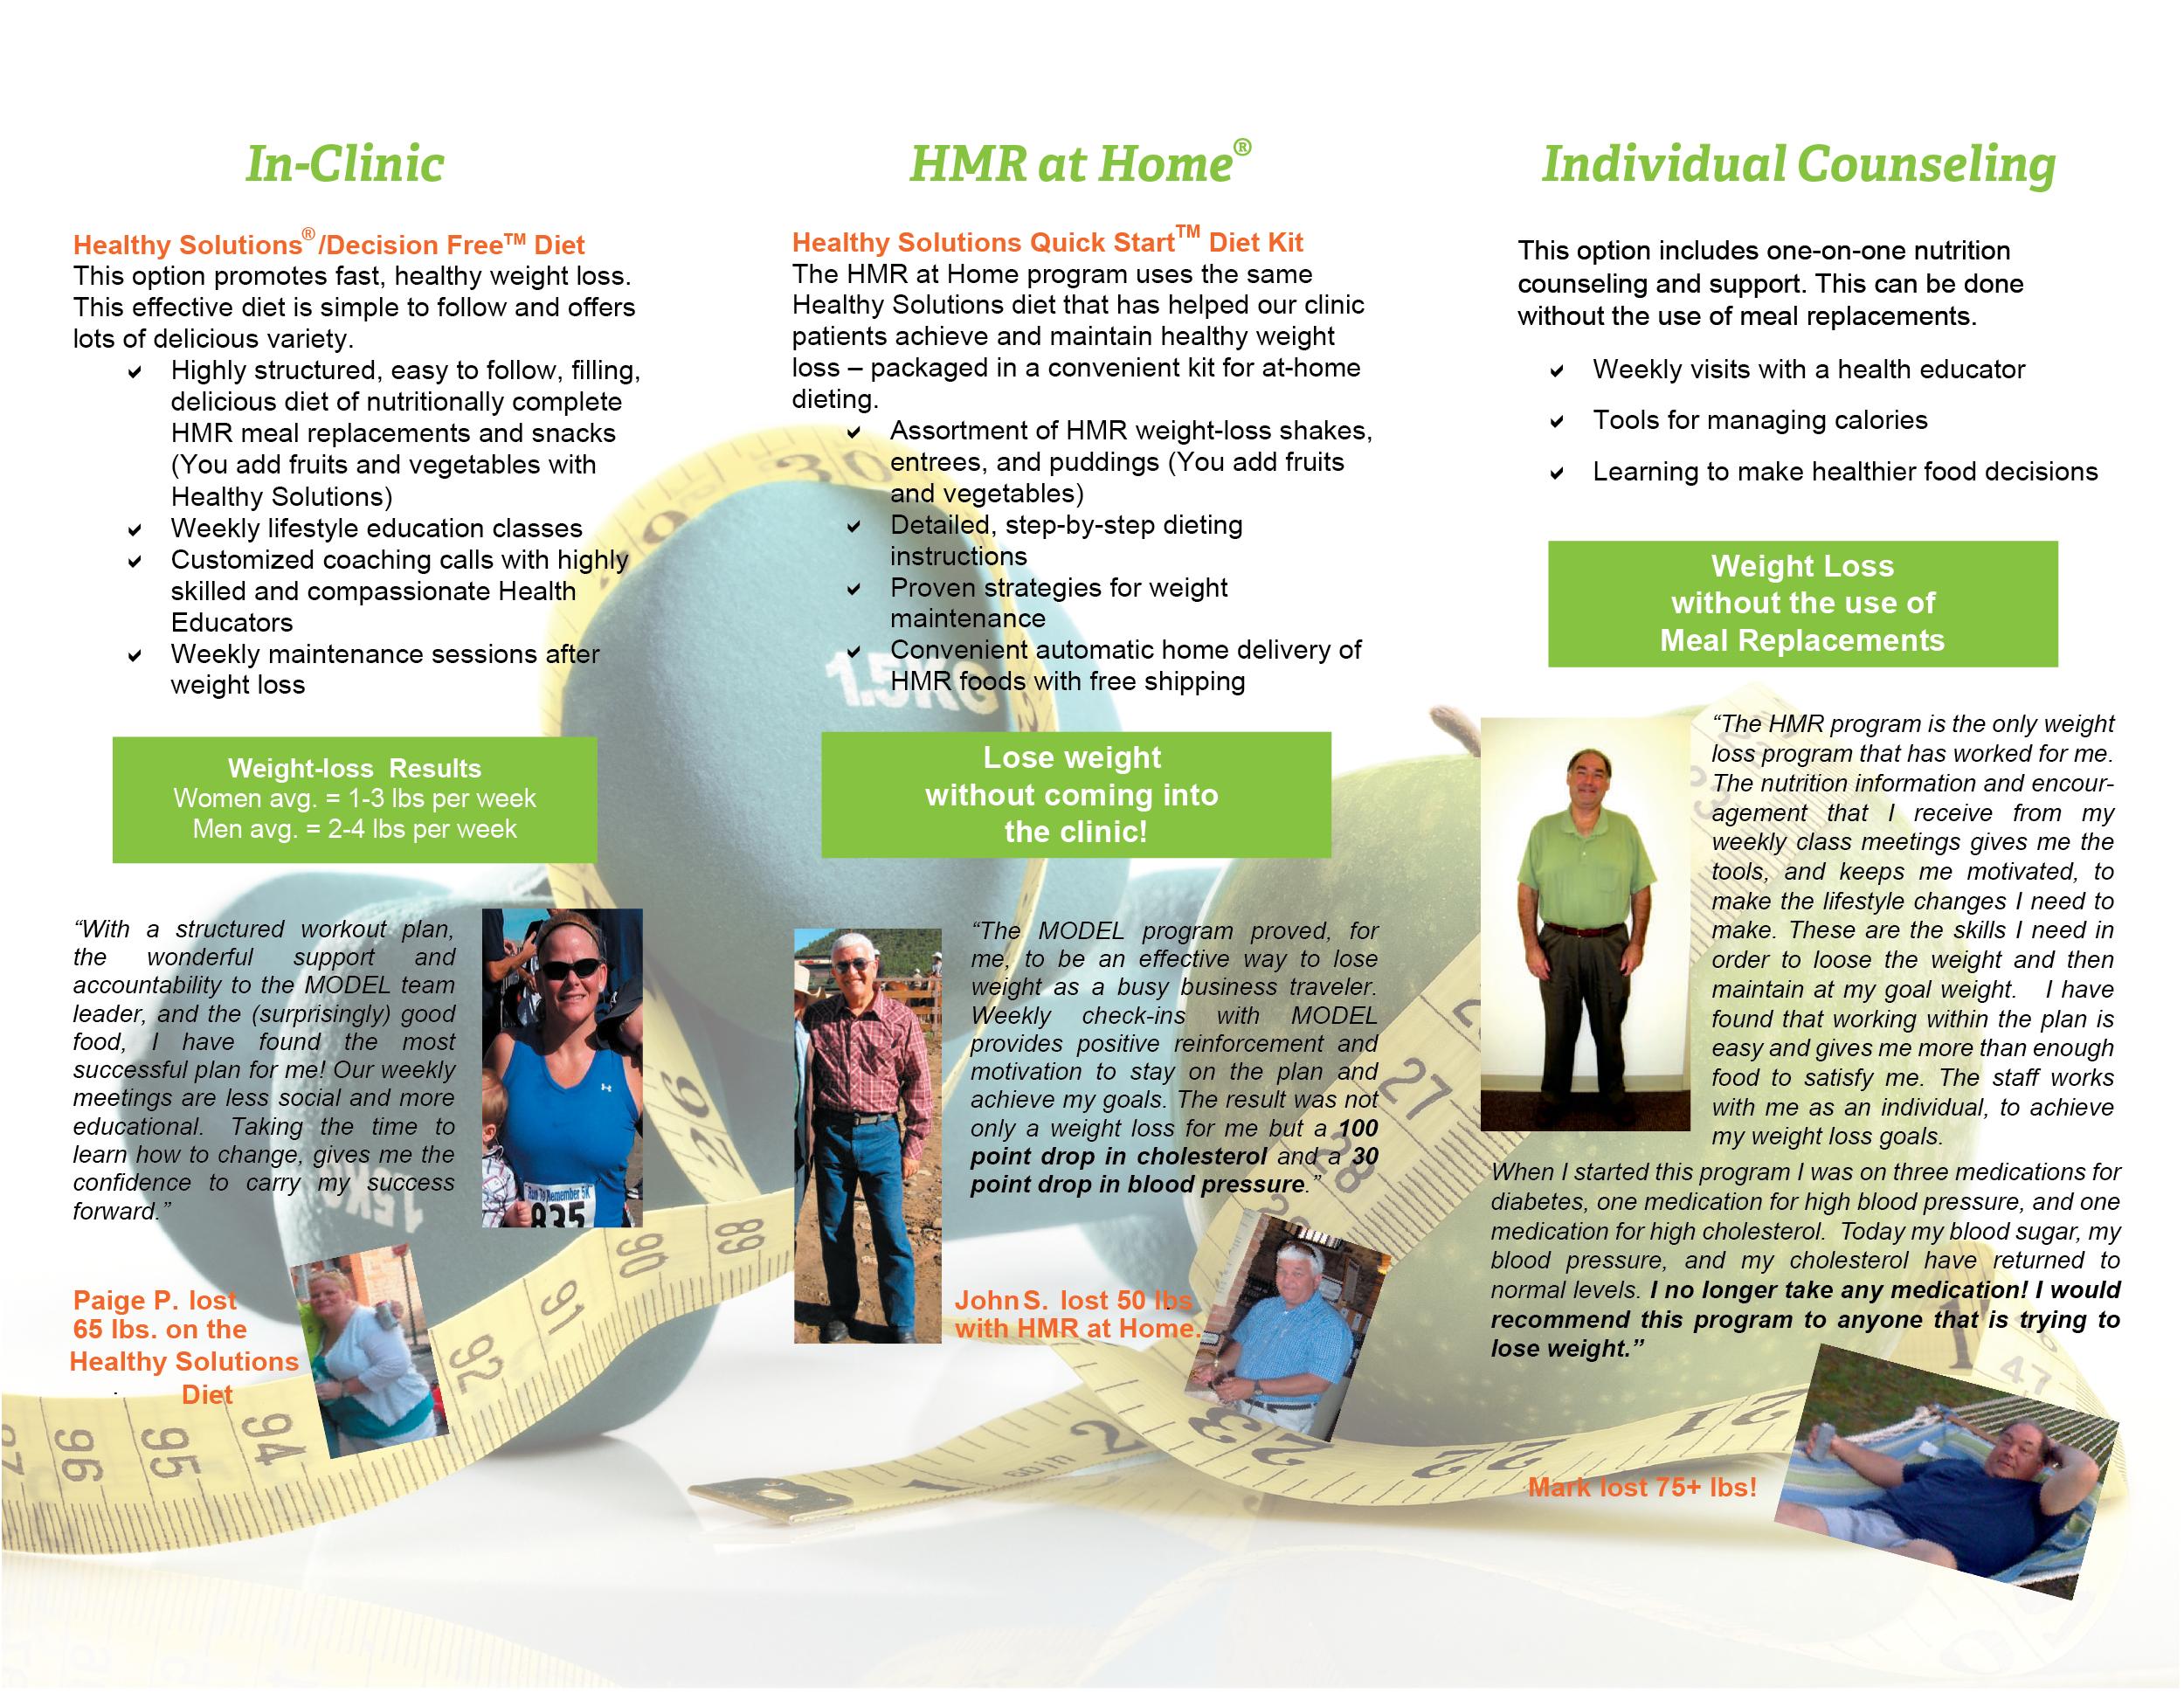 Brochure Inside - After